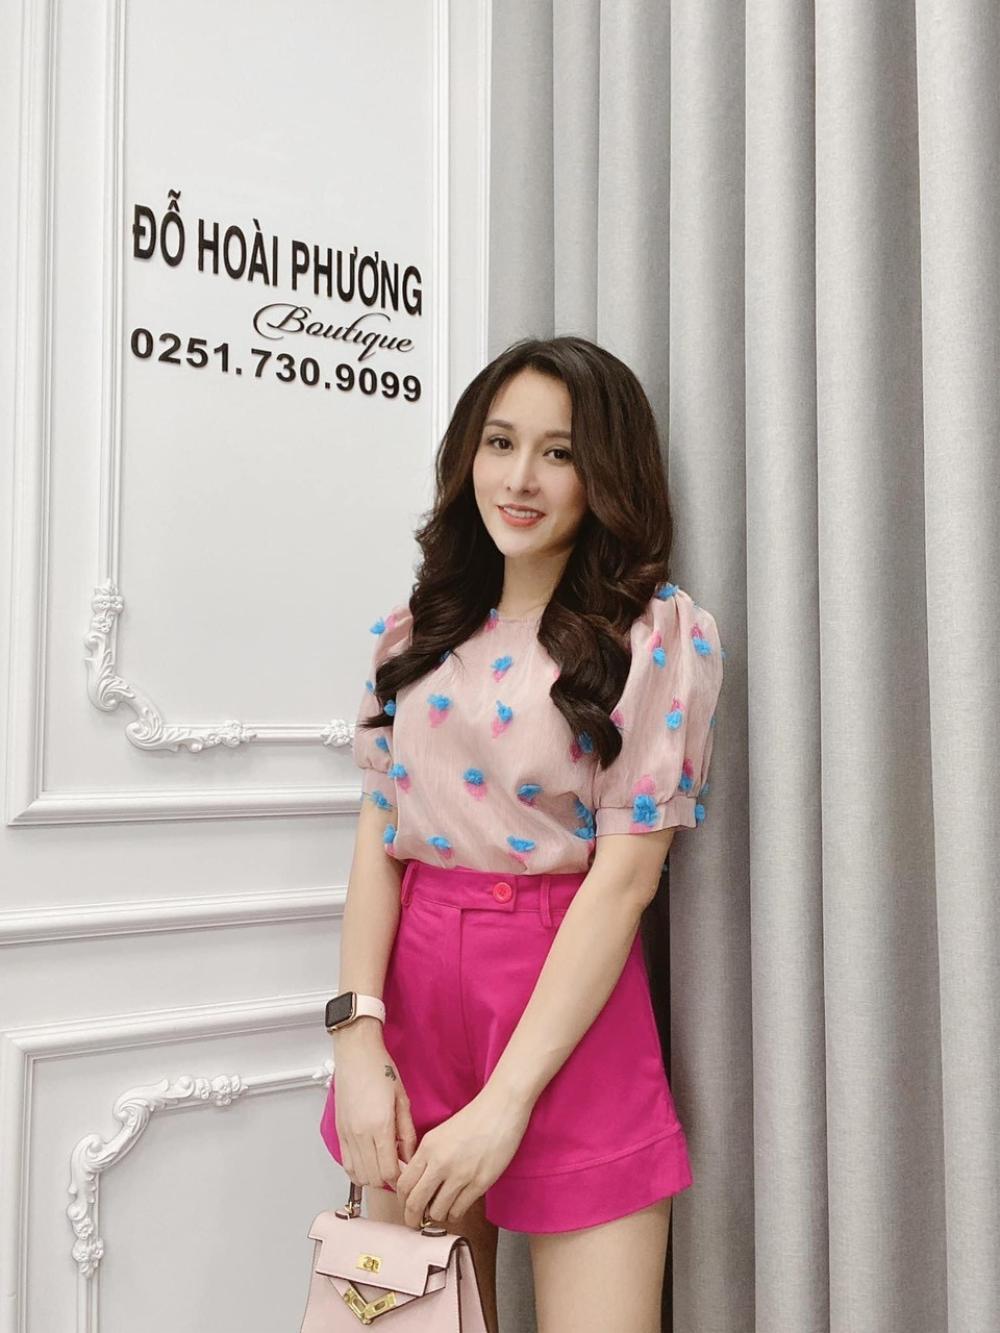 Đỗ Hoài Phương Boutique tái thiết lập thương hiệu Ảnh 1